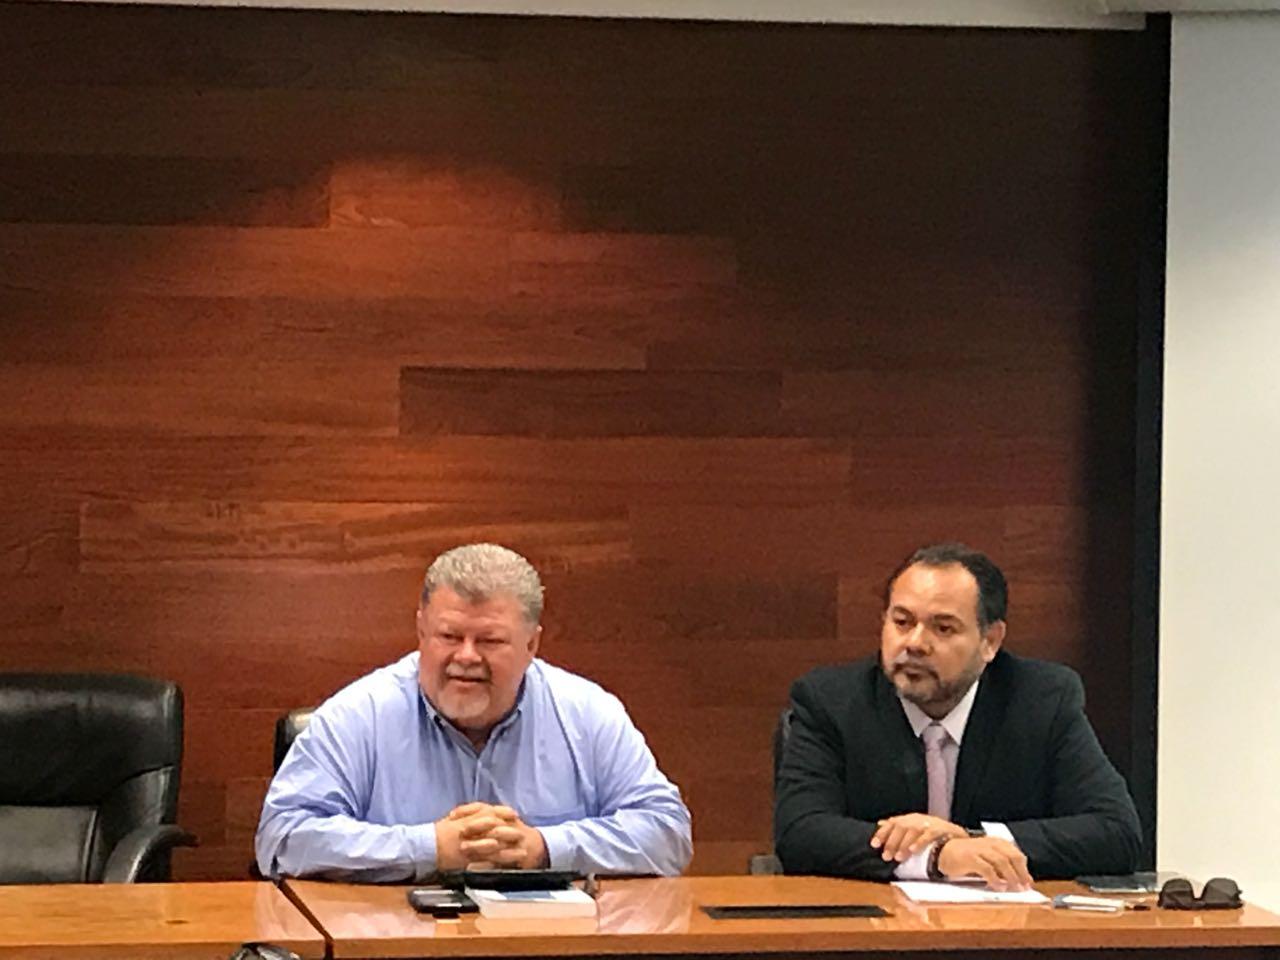 Dr. García y Dr. Navarro escuchando preguntas del auditorio